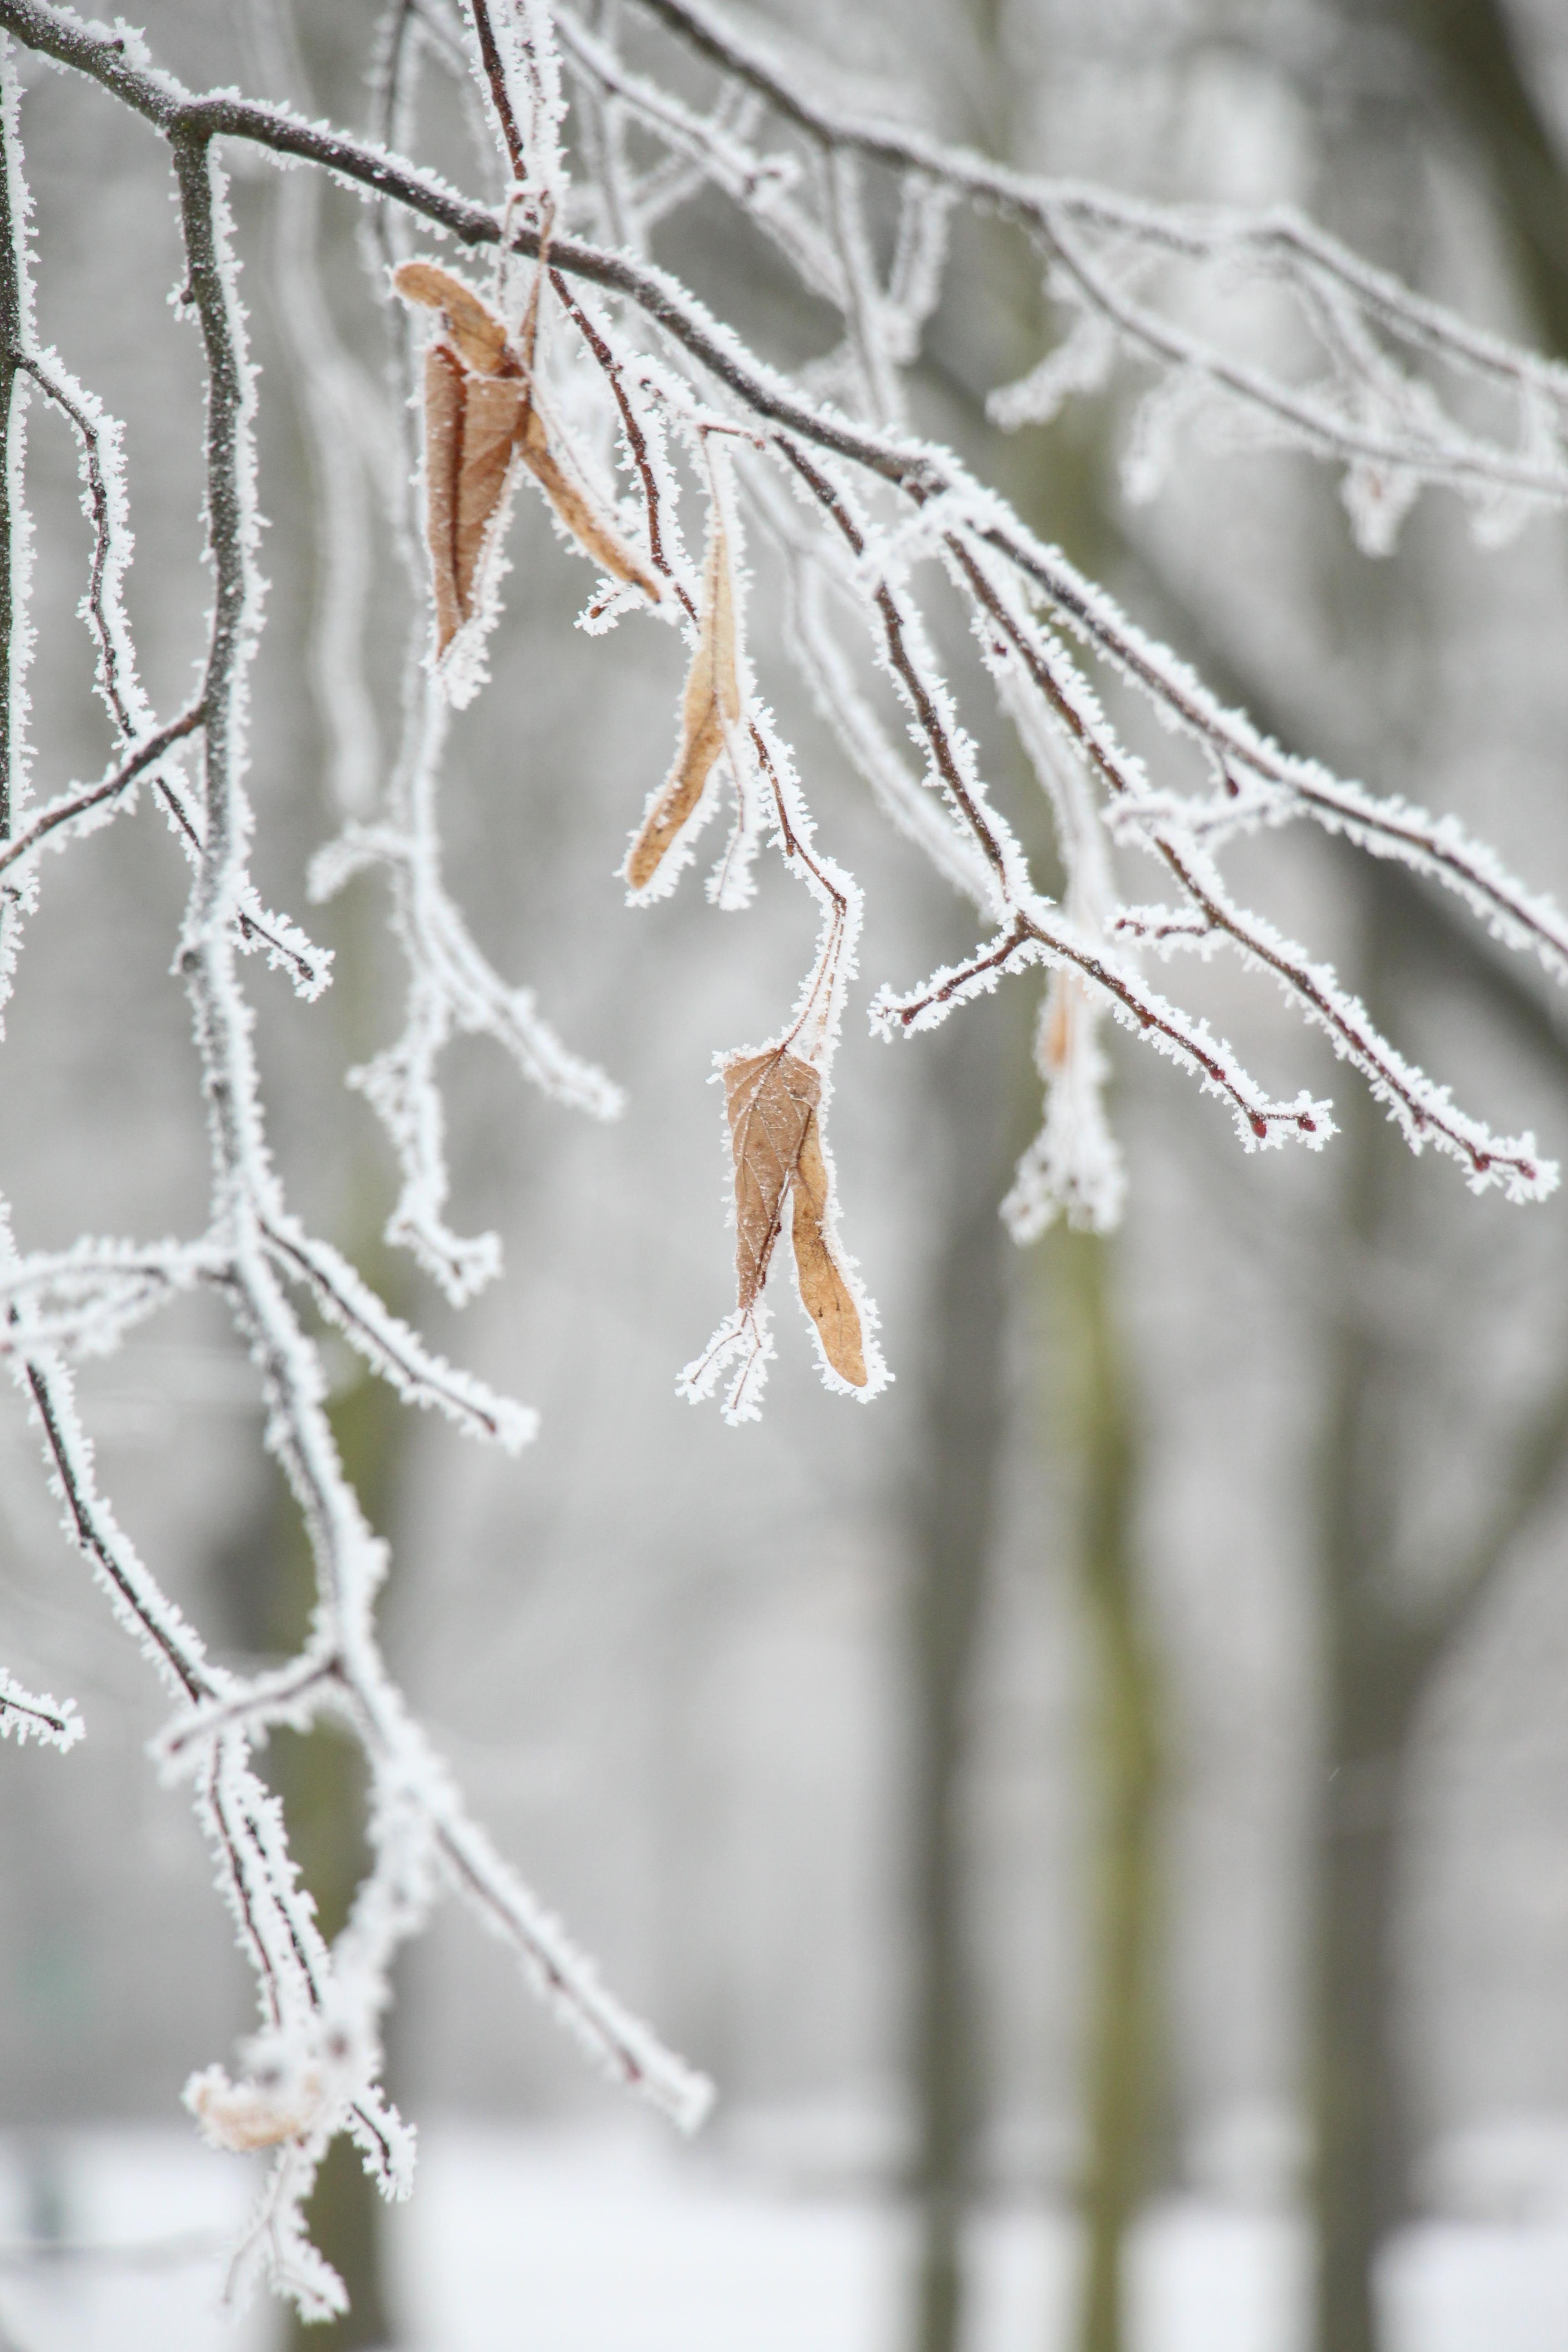 Öko-Weihnachtsbäume für weniger Gift im Wohnzimmer